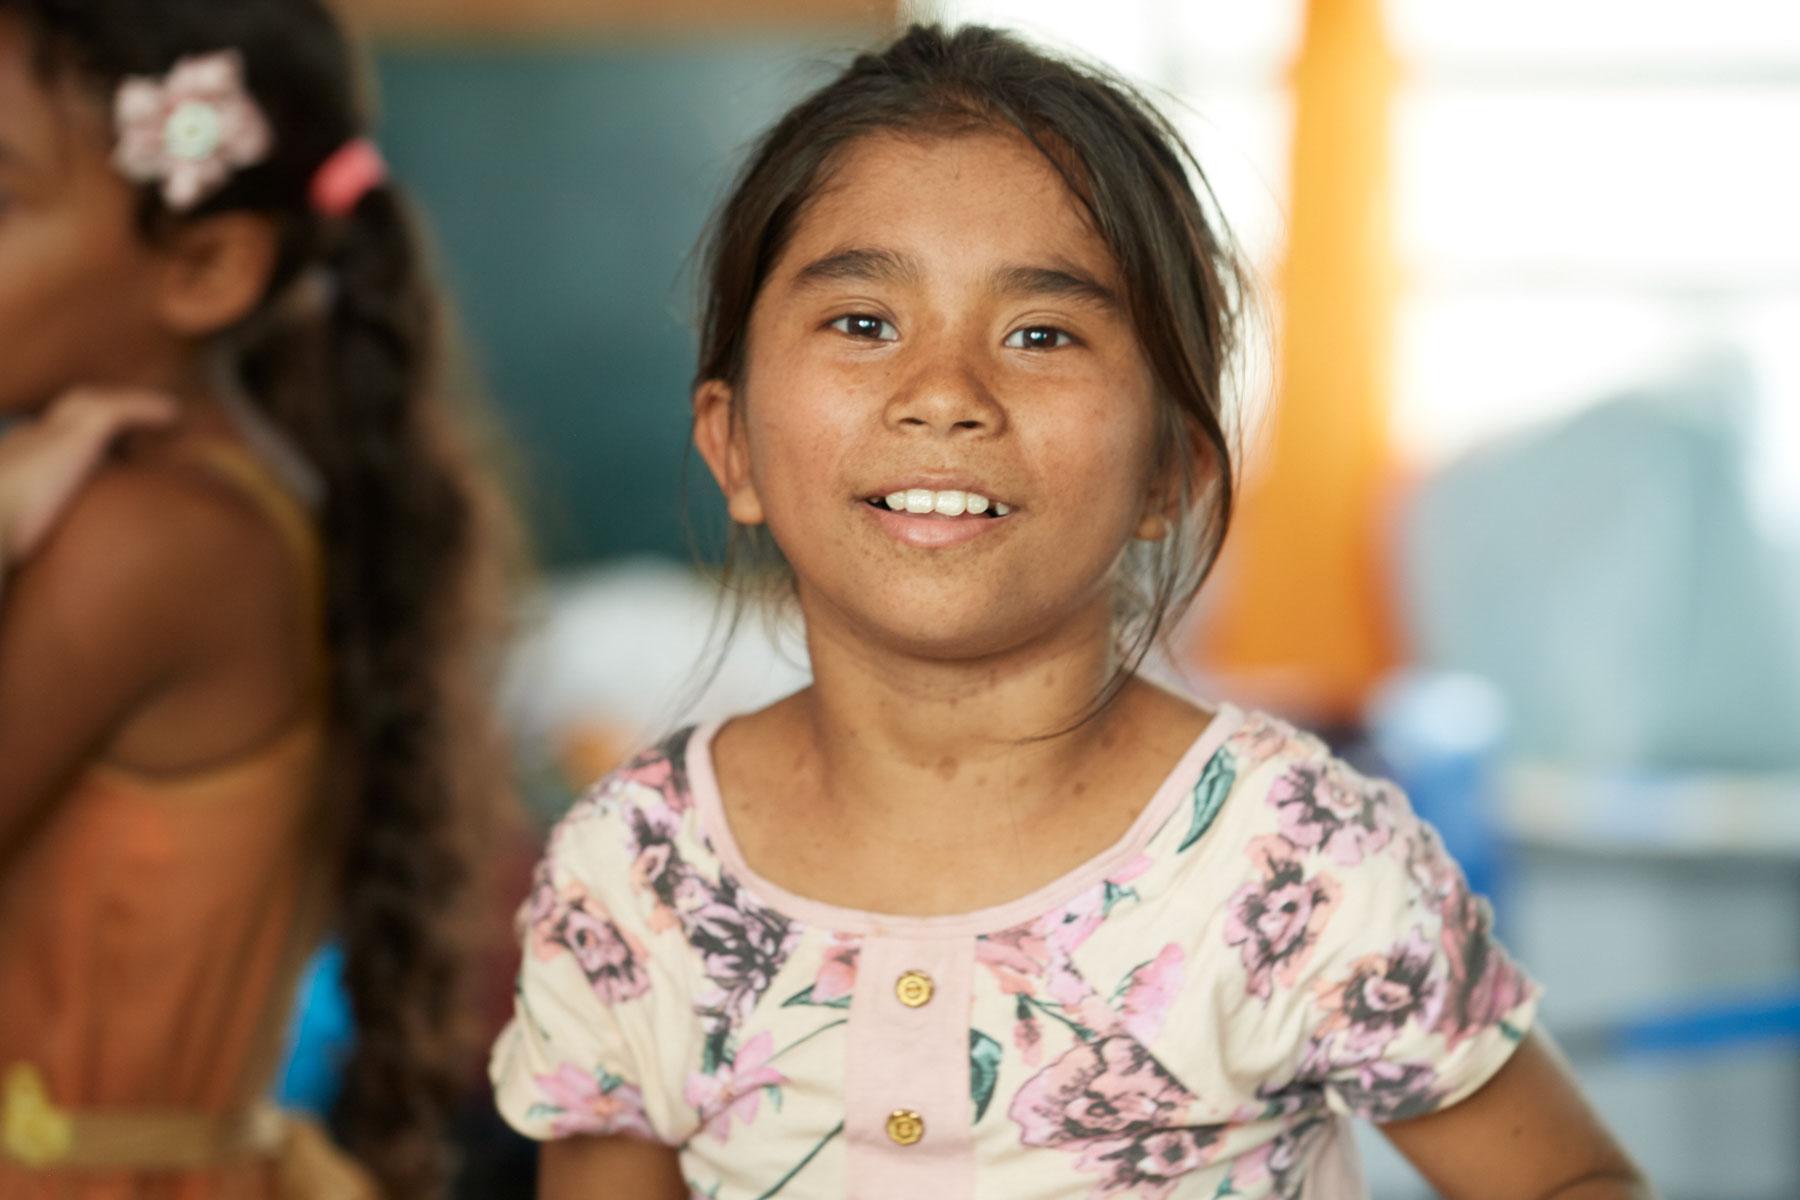 Bild einer jungen brasilianischen Schülerin, die freundlich in die Kamera schaut